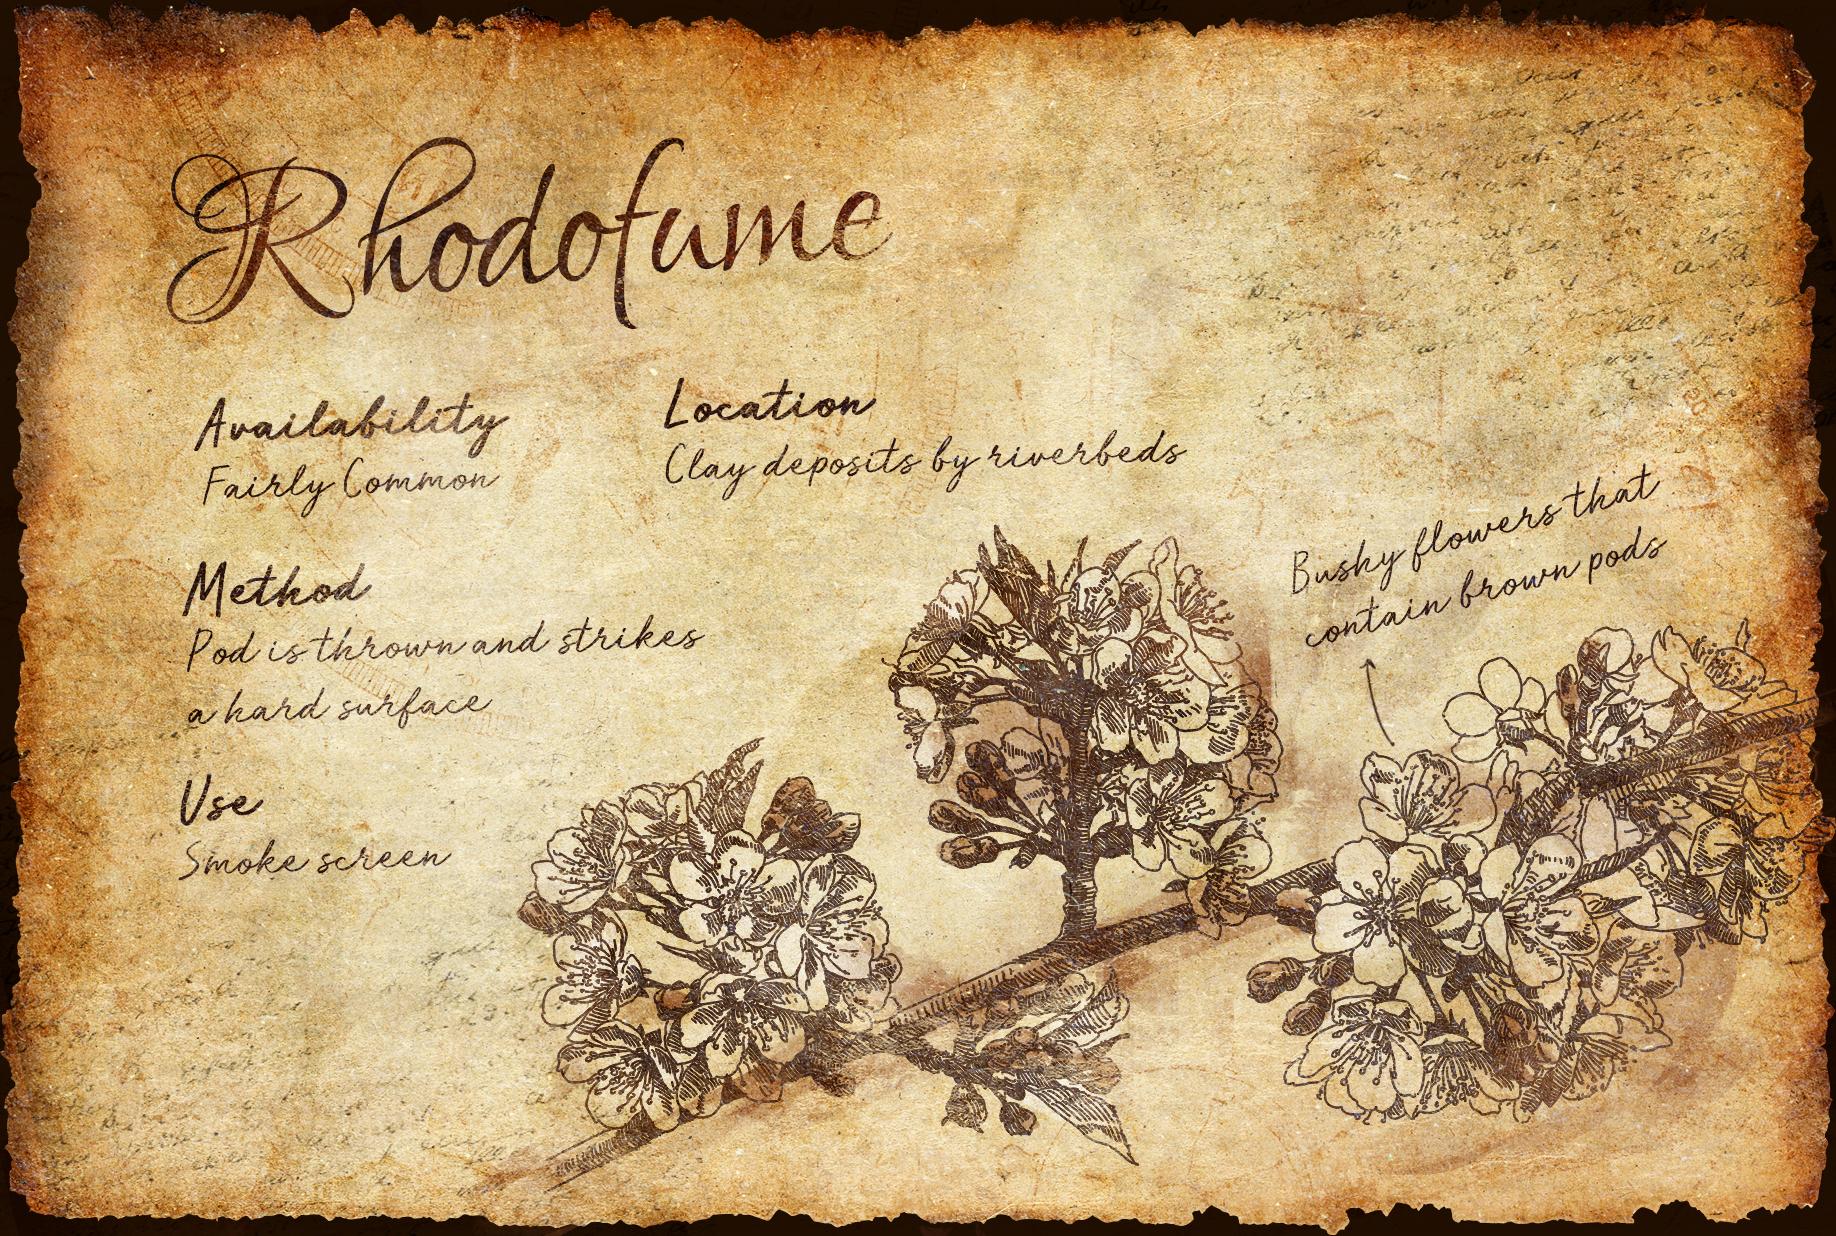 Rhodofume